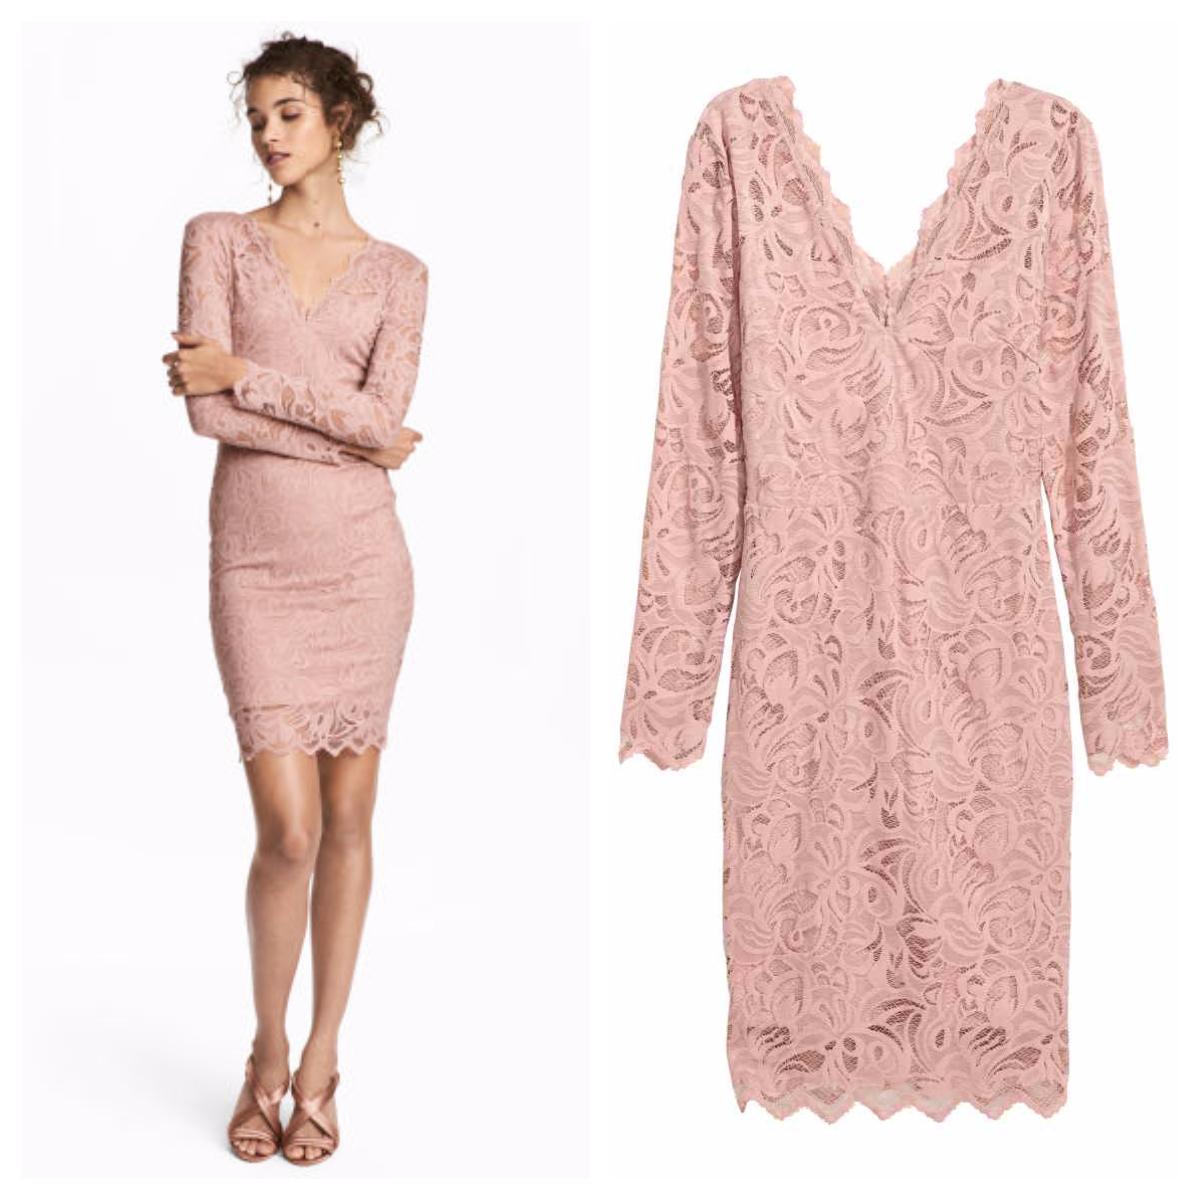 Robe ajustée en dentelle couleur rose poudré H&M